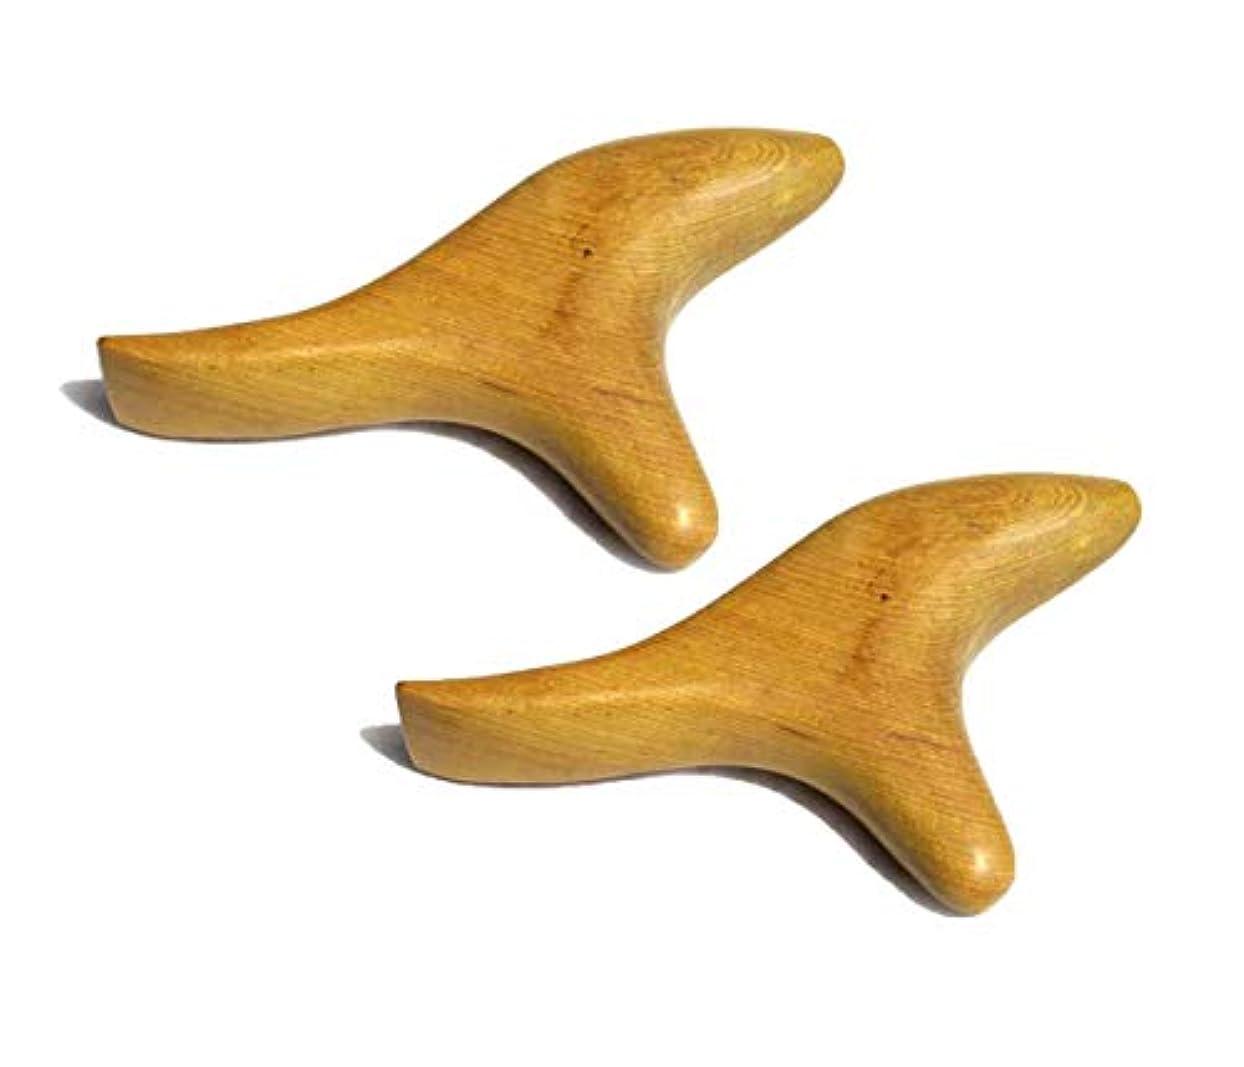 記事繊毛野心Viffly ウッドマッサージ棒 握りタイプ 天然木 オカリナ型(ウッドマッサージ棒2個)